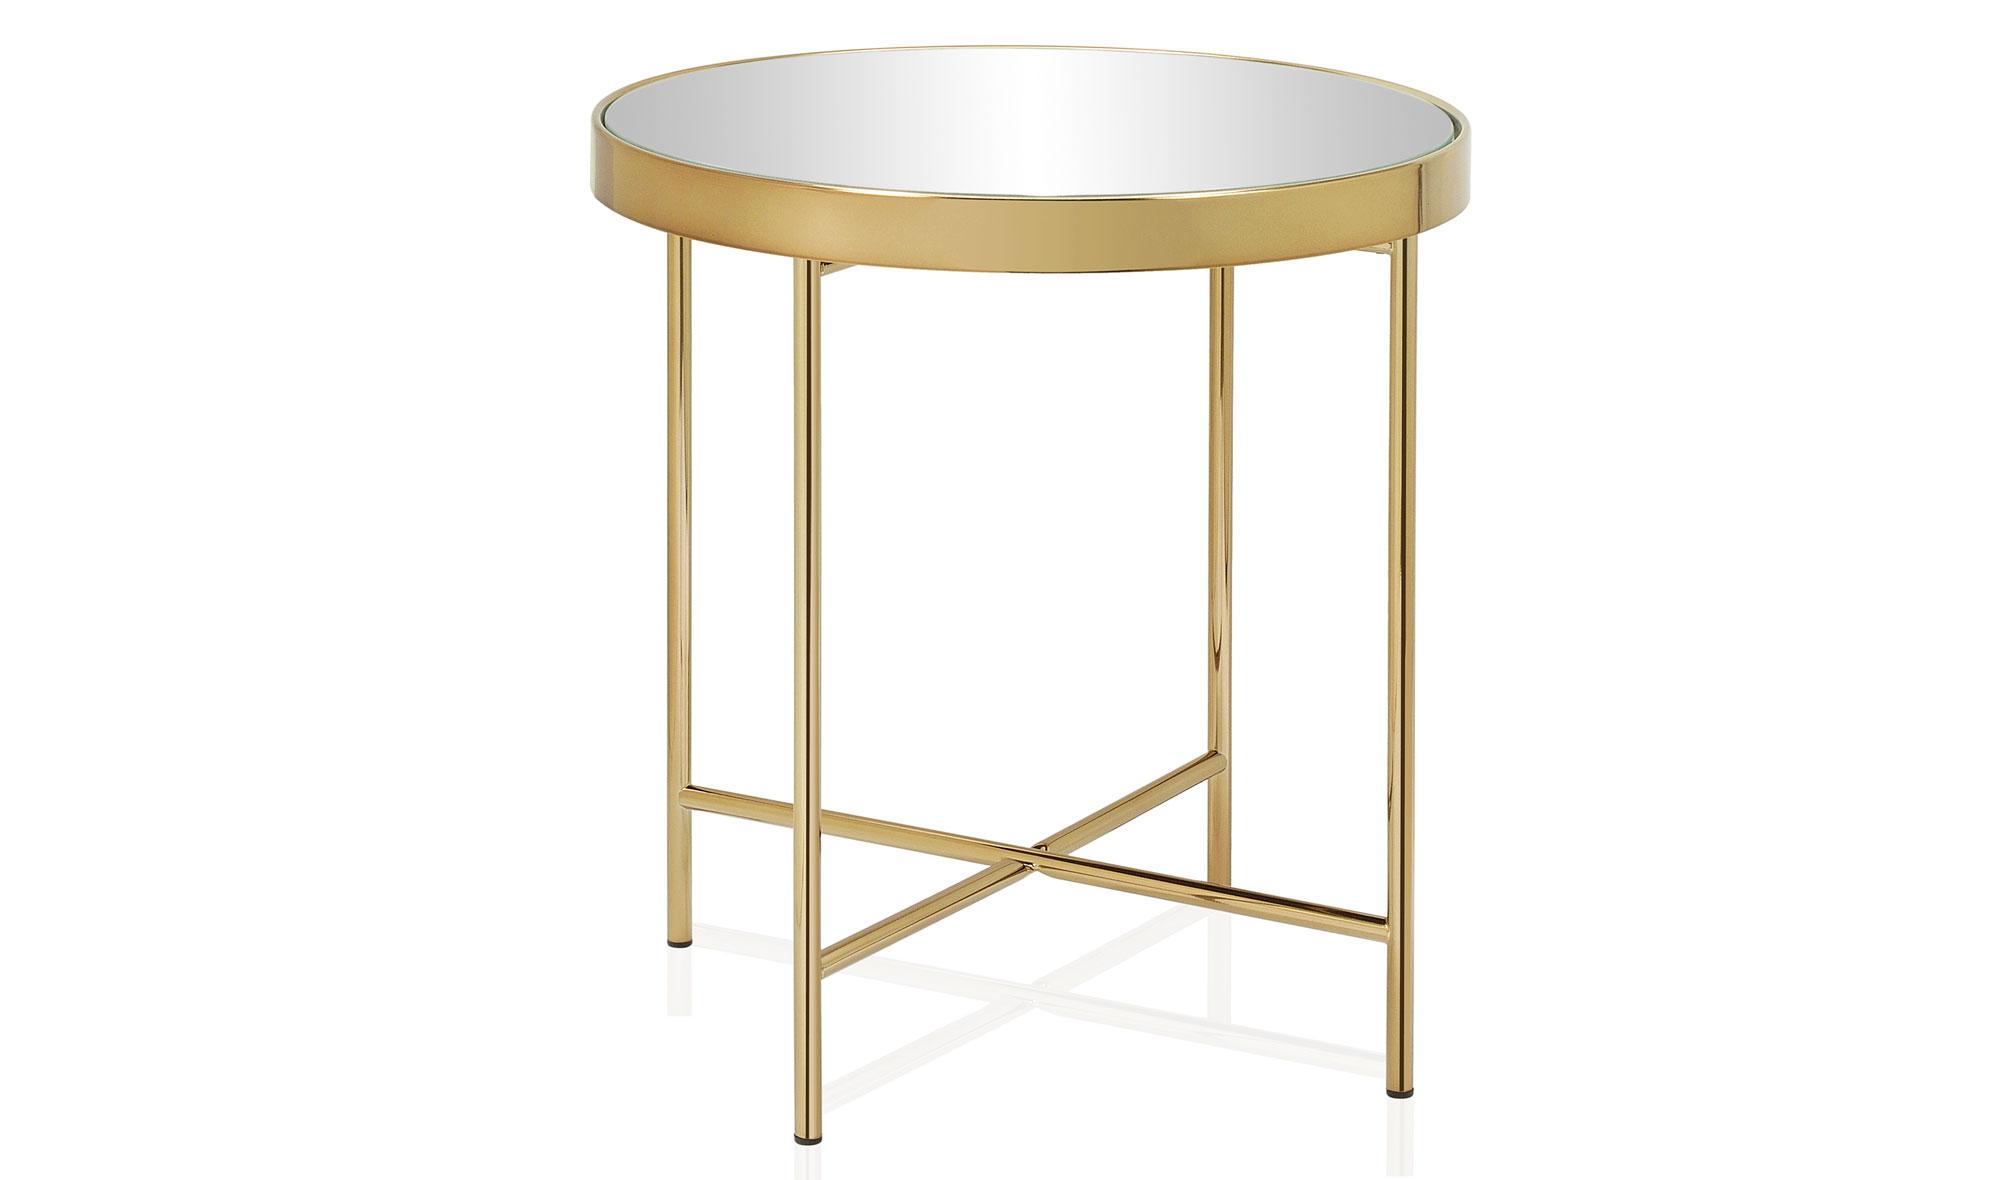 Mesa de rinc n moderna espejo y oro viejo no disponible en - Espejo de mesa ...